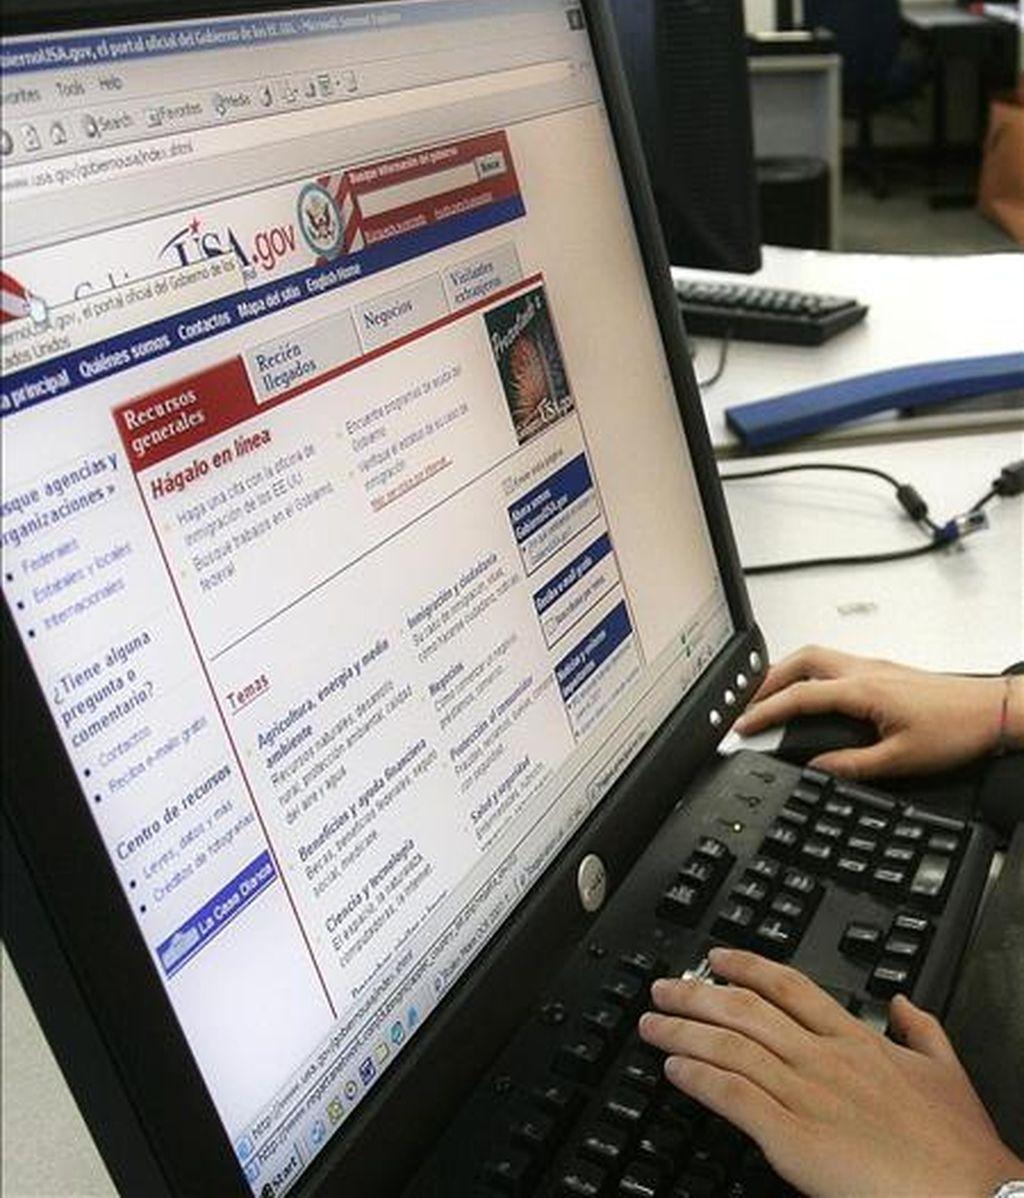 El fenómeno del Cyber-bulling. Vídeo:Informativos Telecinco